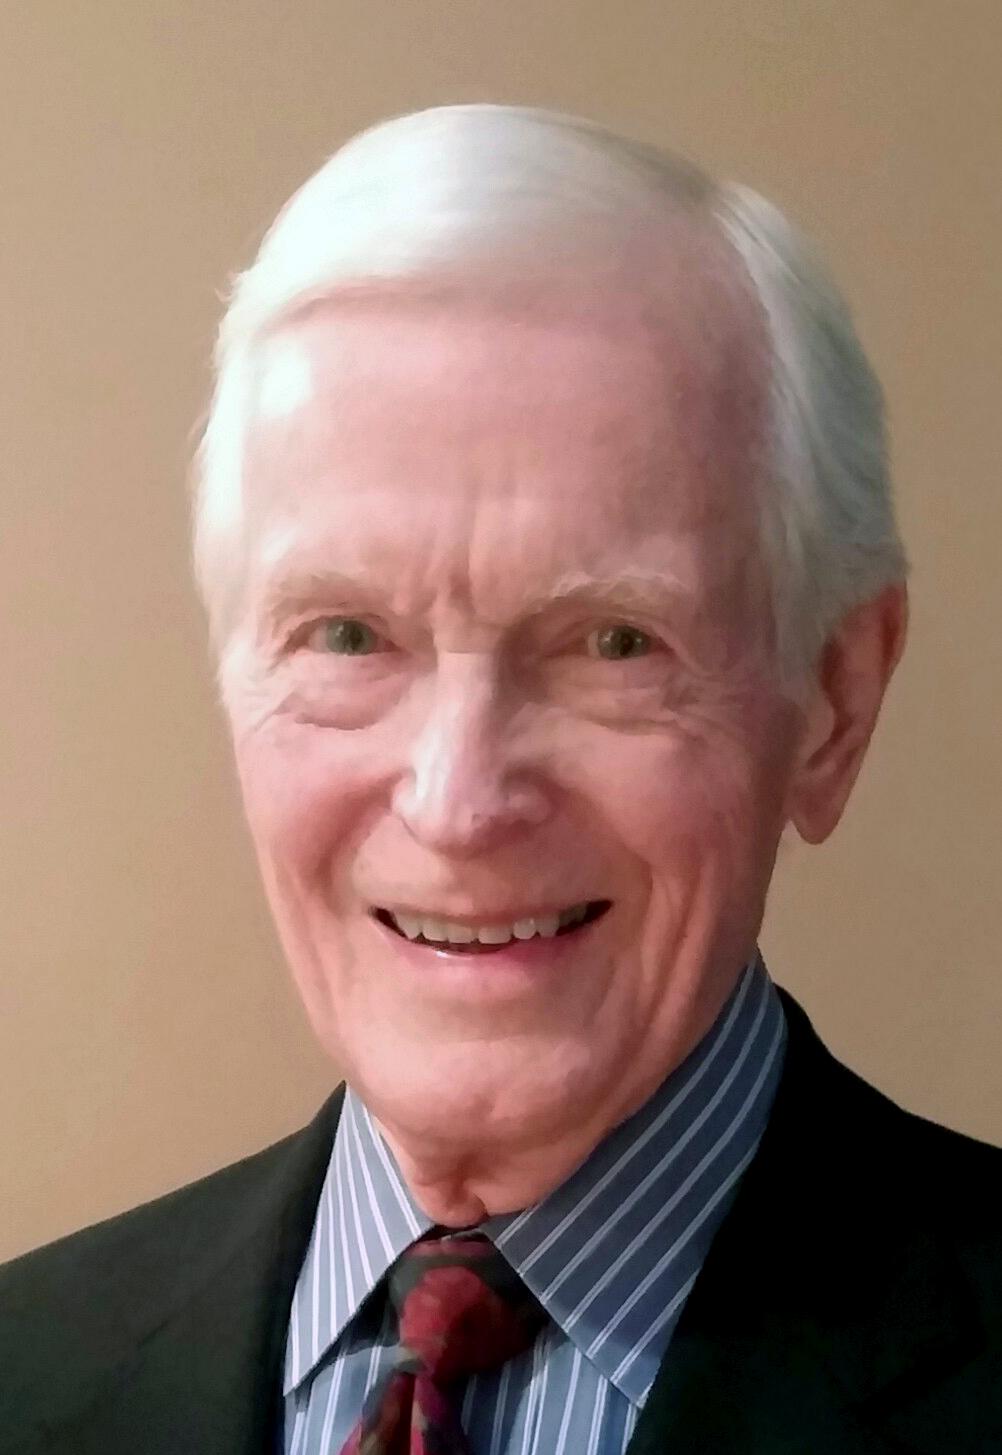 Robert Dowsett